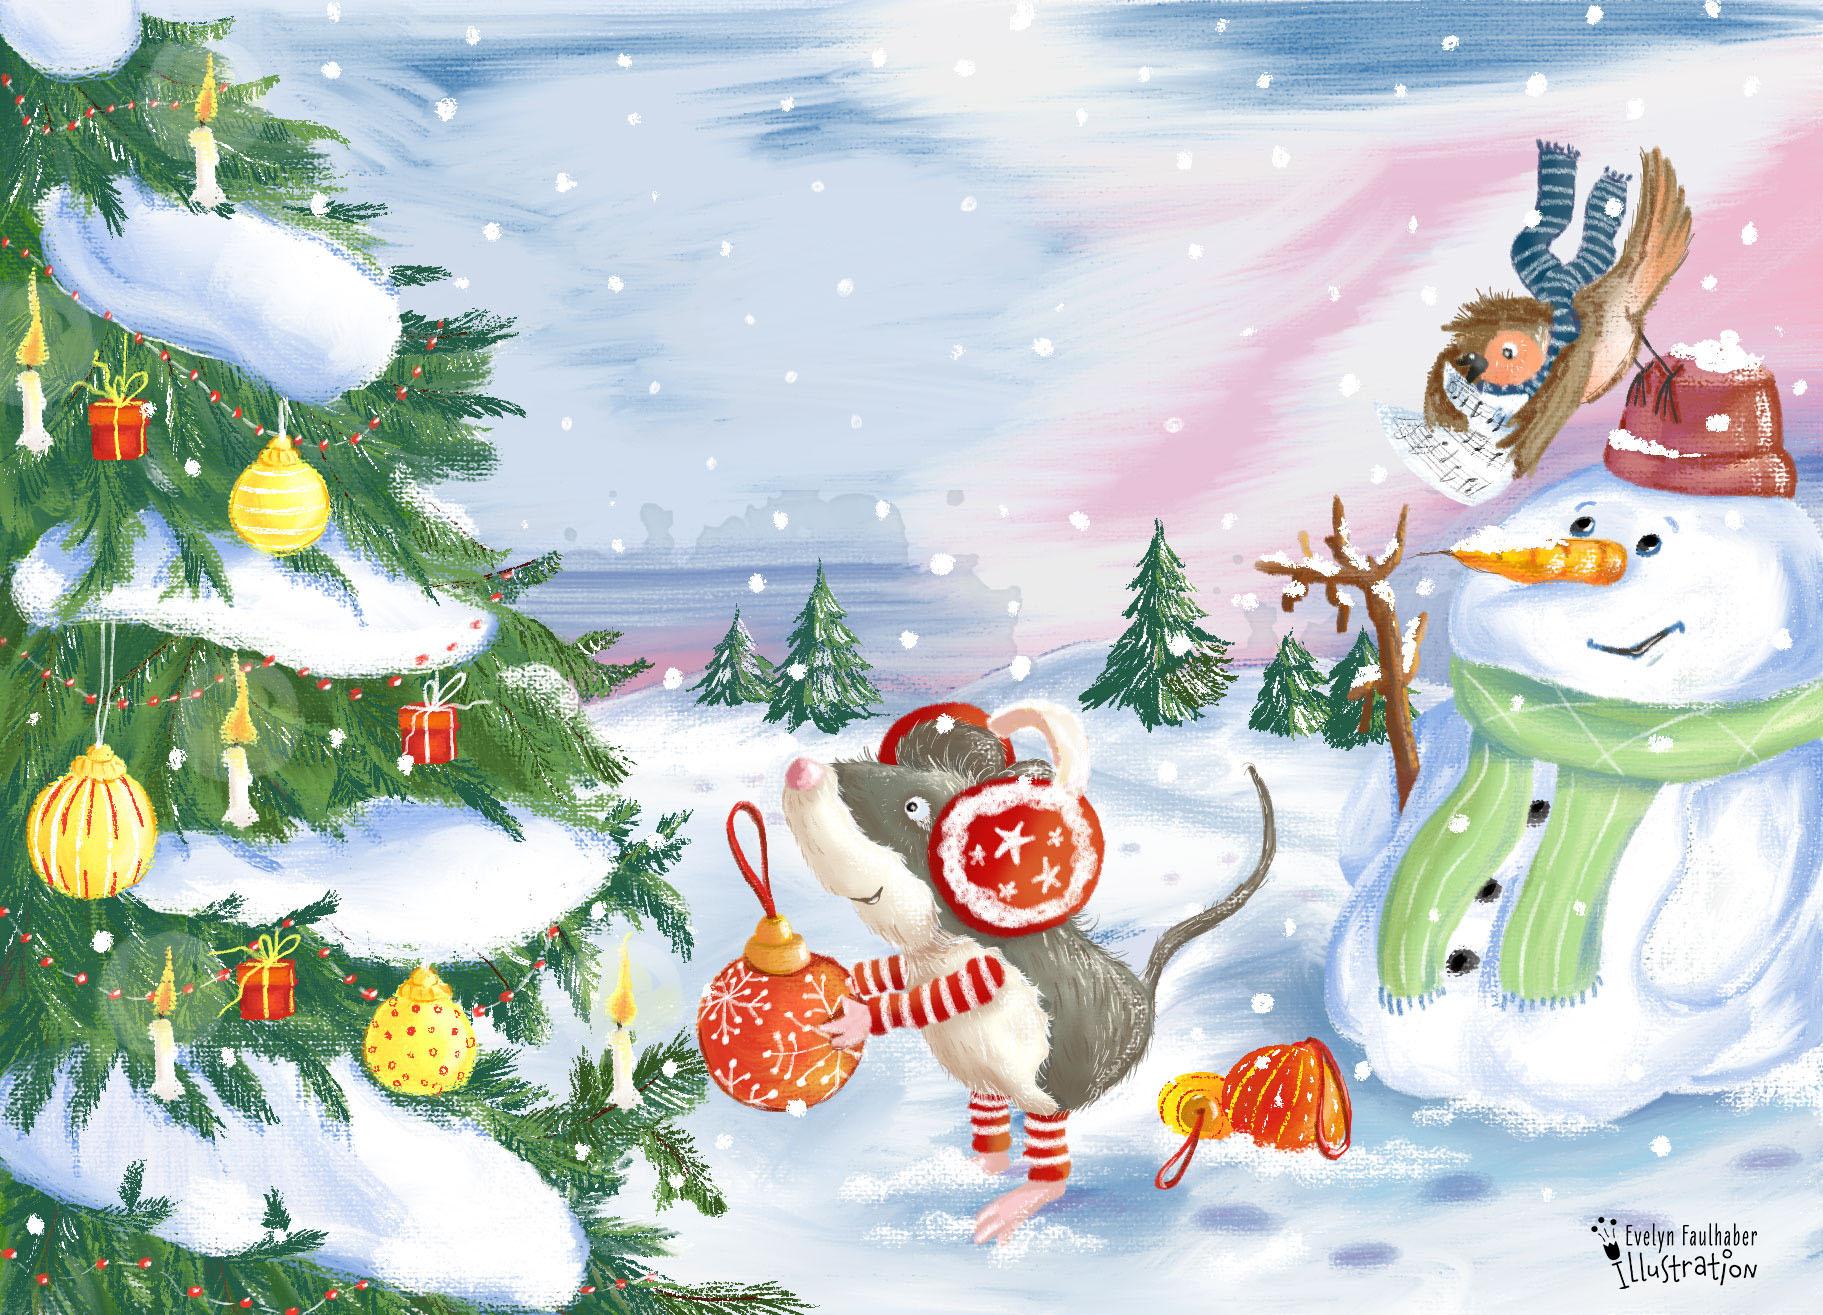 tiere, wald, waldtiere, weihnachten, illustration, kinderbuch, kinderbuchillustration, winter